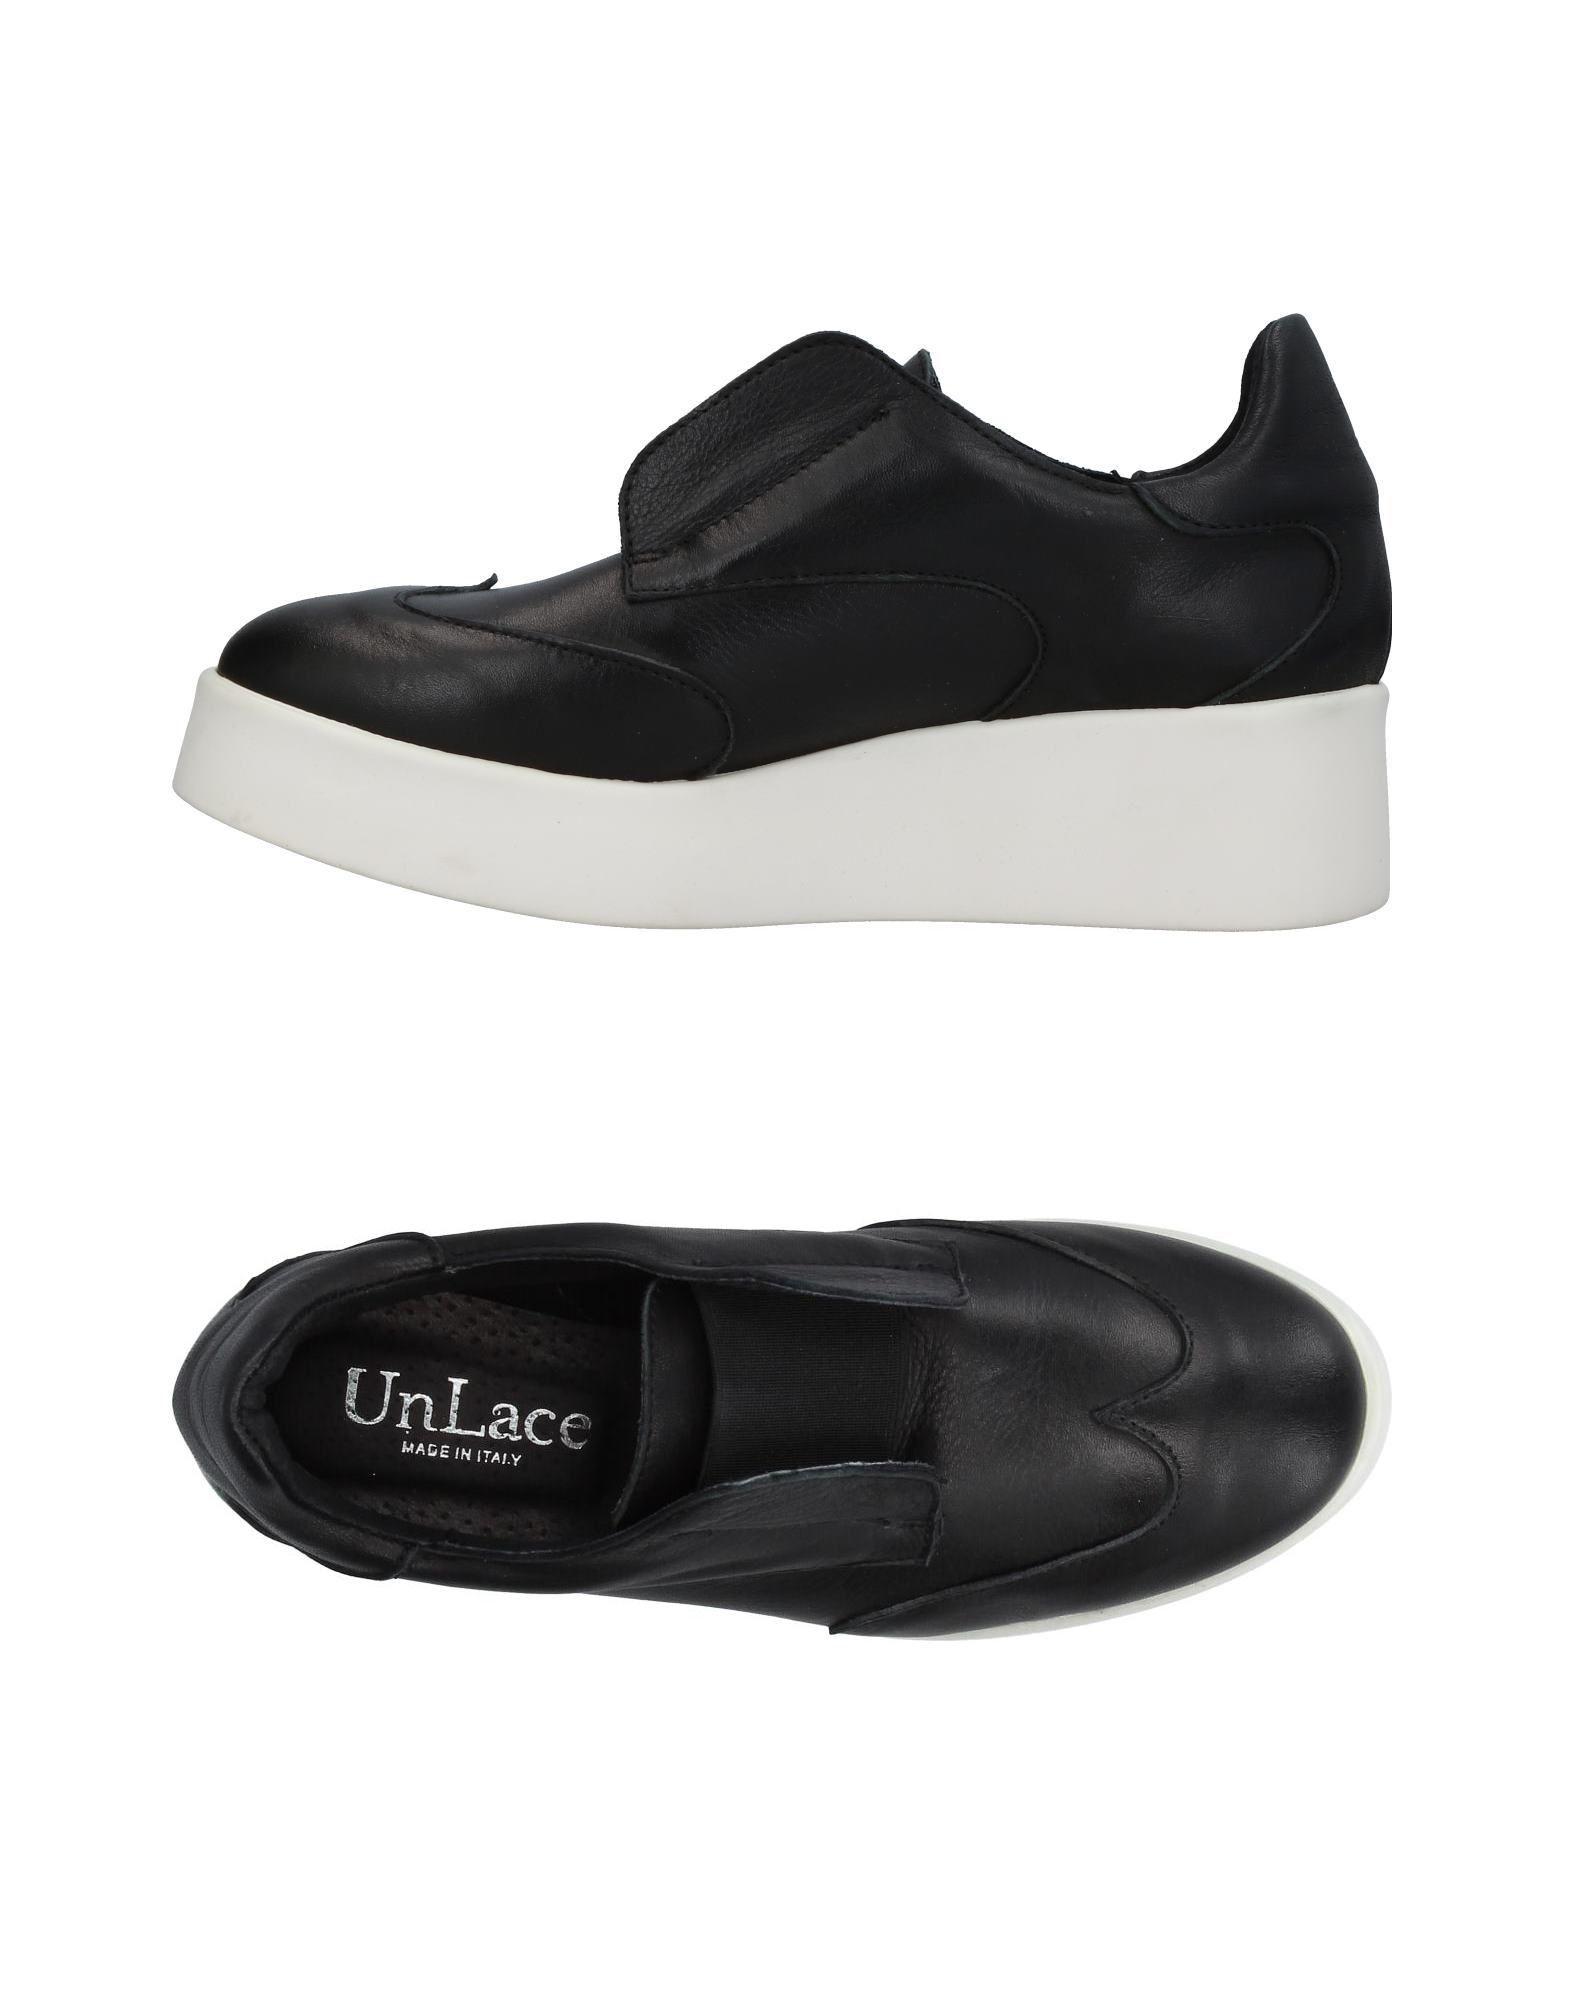 Sneakers Unlace Donna - 11373465AU Scarpe economiche e buone